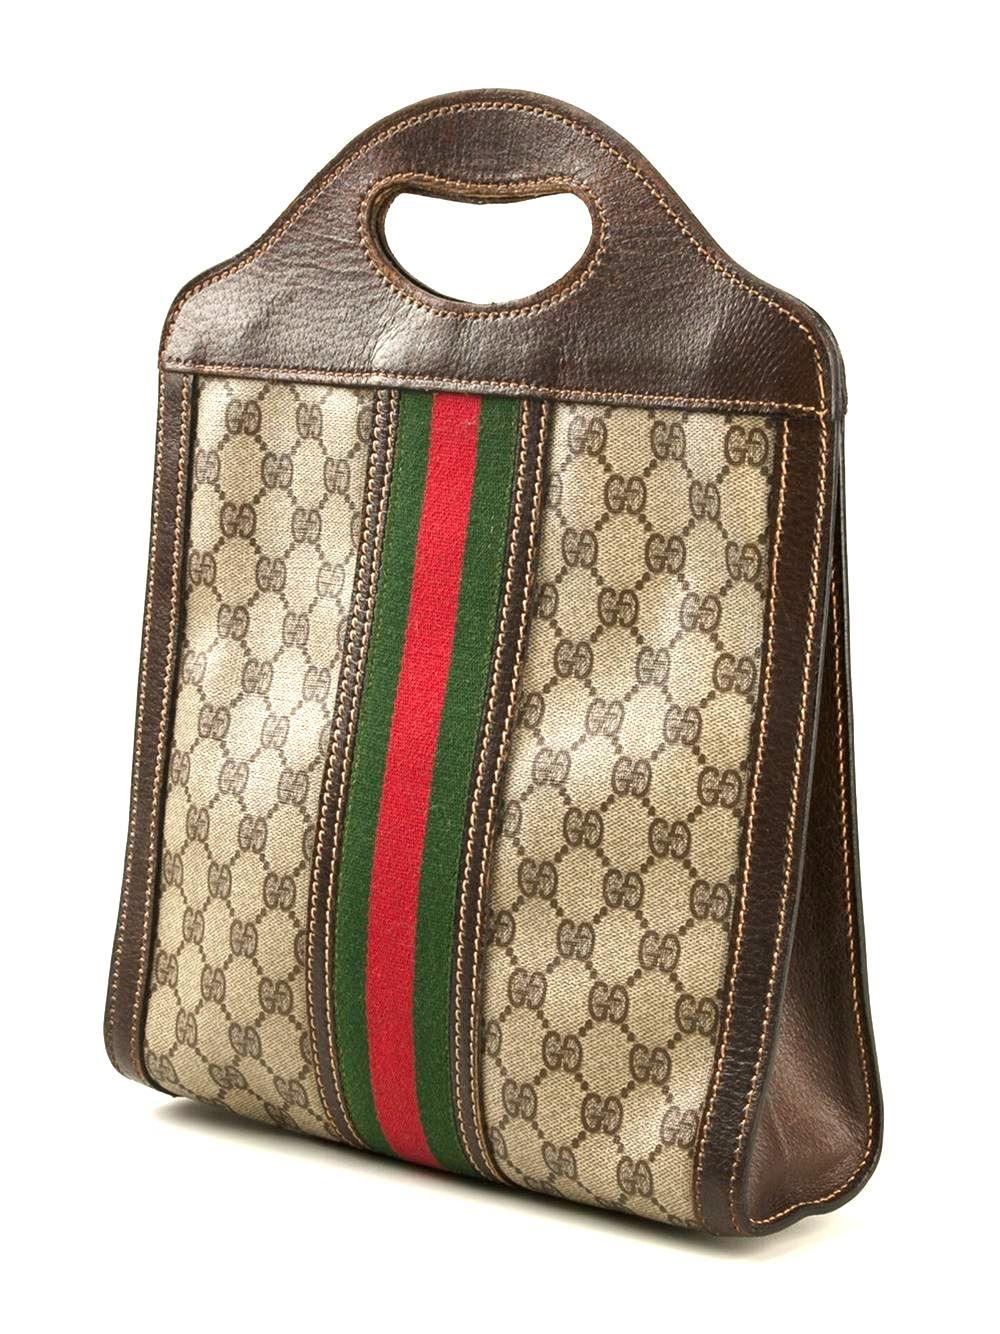 276b946e40b8 1970s Gucci Tote Bag in 2019 | get it | Gucci tote bag, Gucci ...